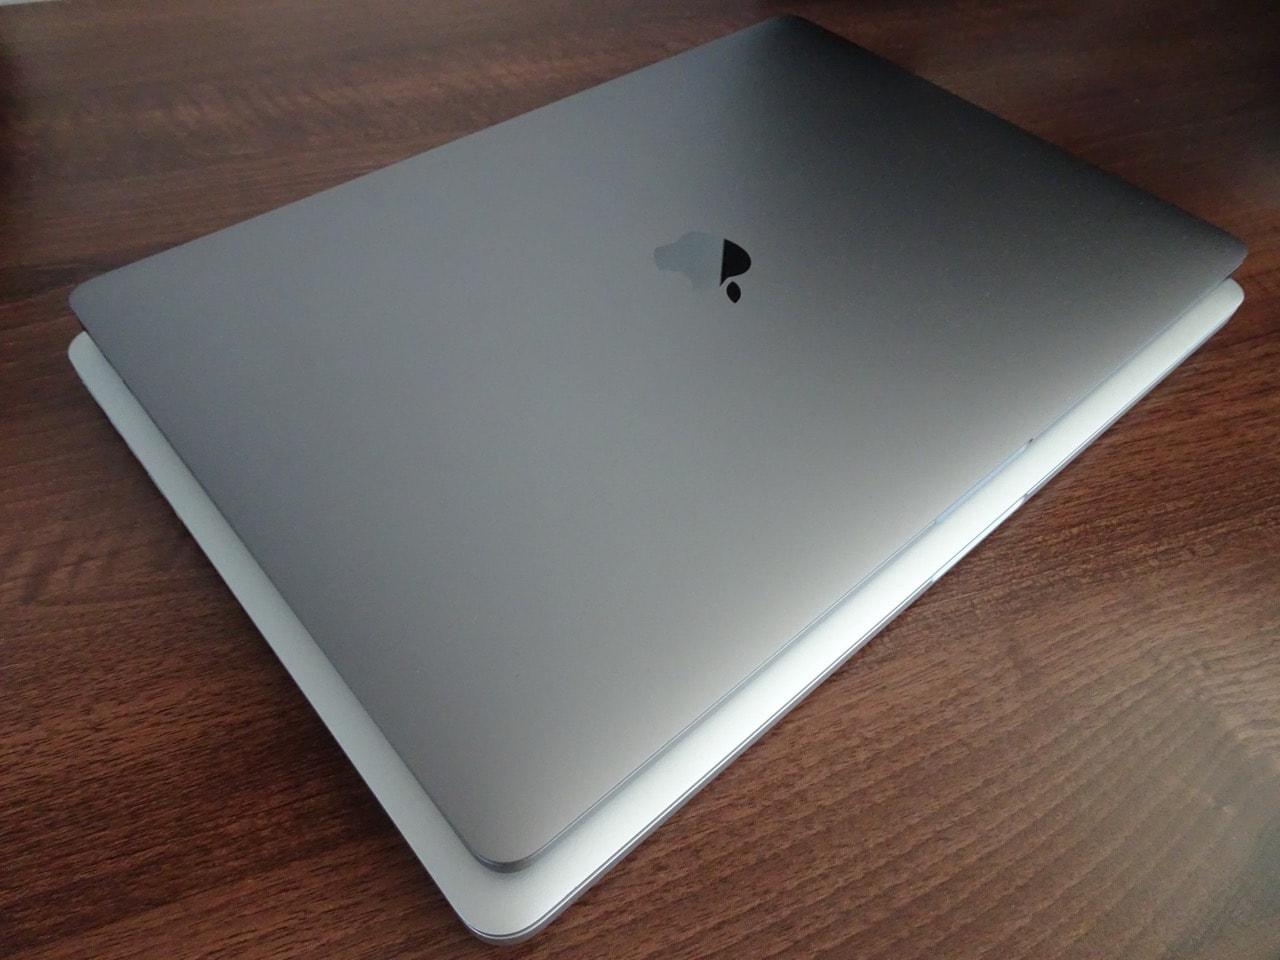 Look and feel - 2012 Retina MacBook Pro vs 2017 MacBook Pro